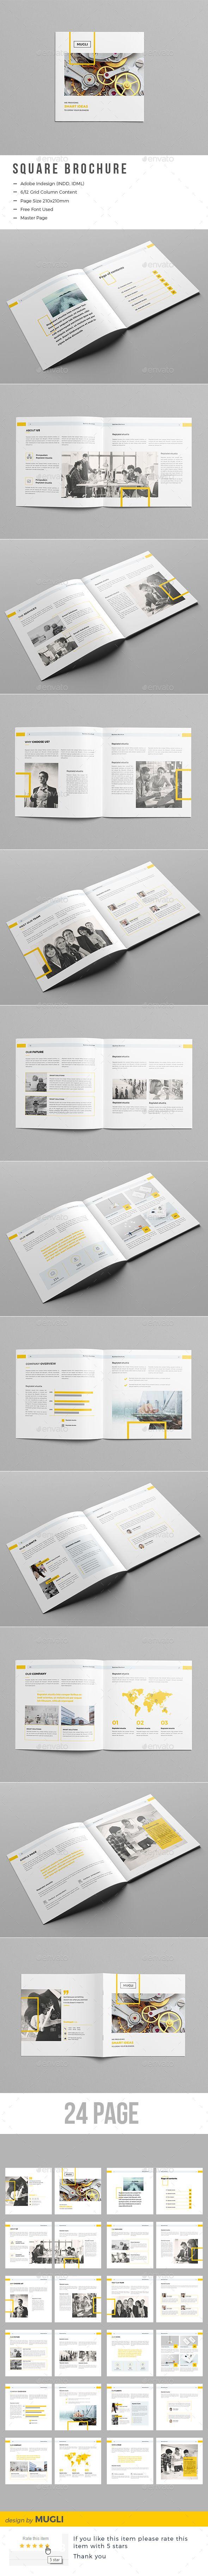 The Square Brochure | Plantillas de certificado, Editorial y Folletos